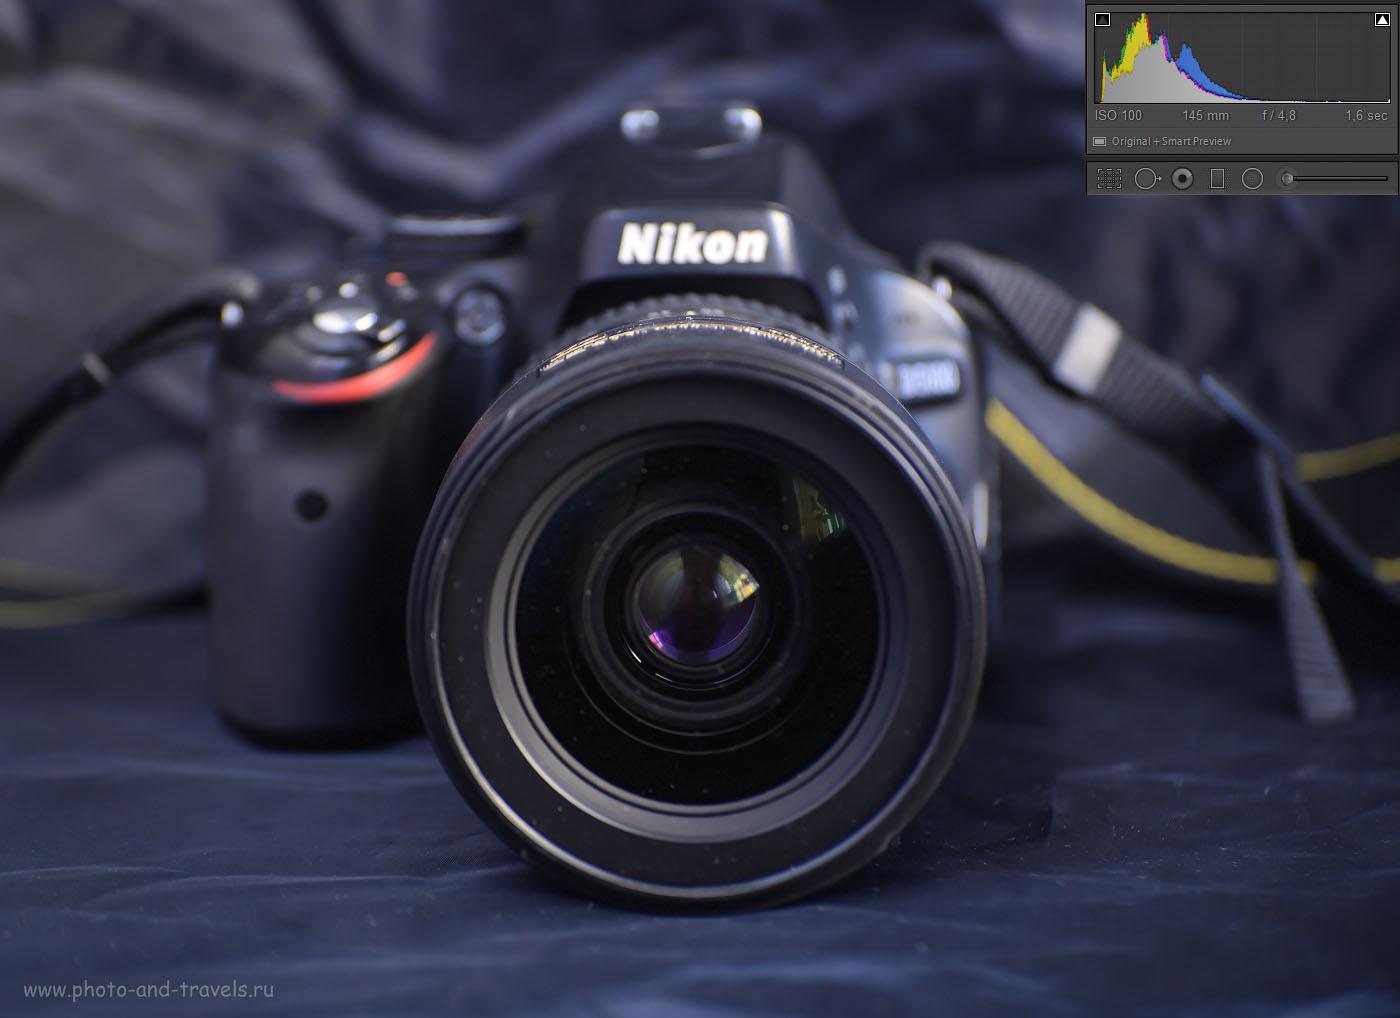 Фотография 12. Введение поправки в минус значительно улучшает фотографию. 1,6 секунды, -1.67 EV, 4.8, 100, 145.